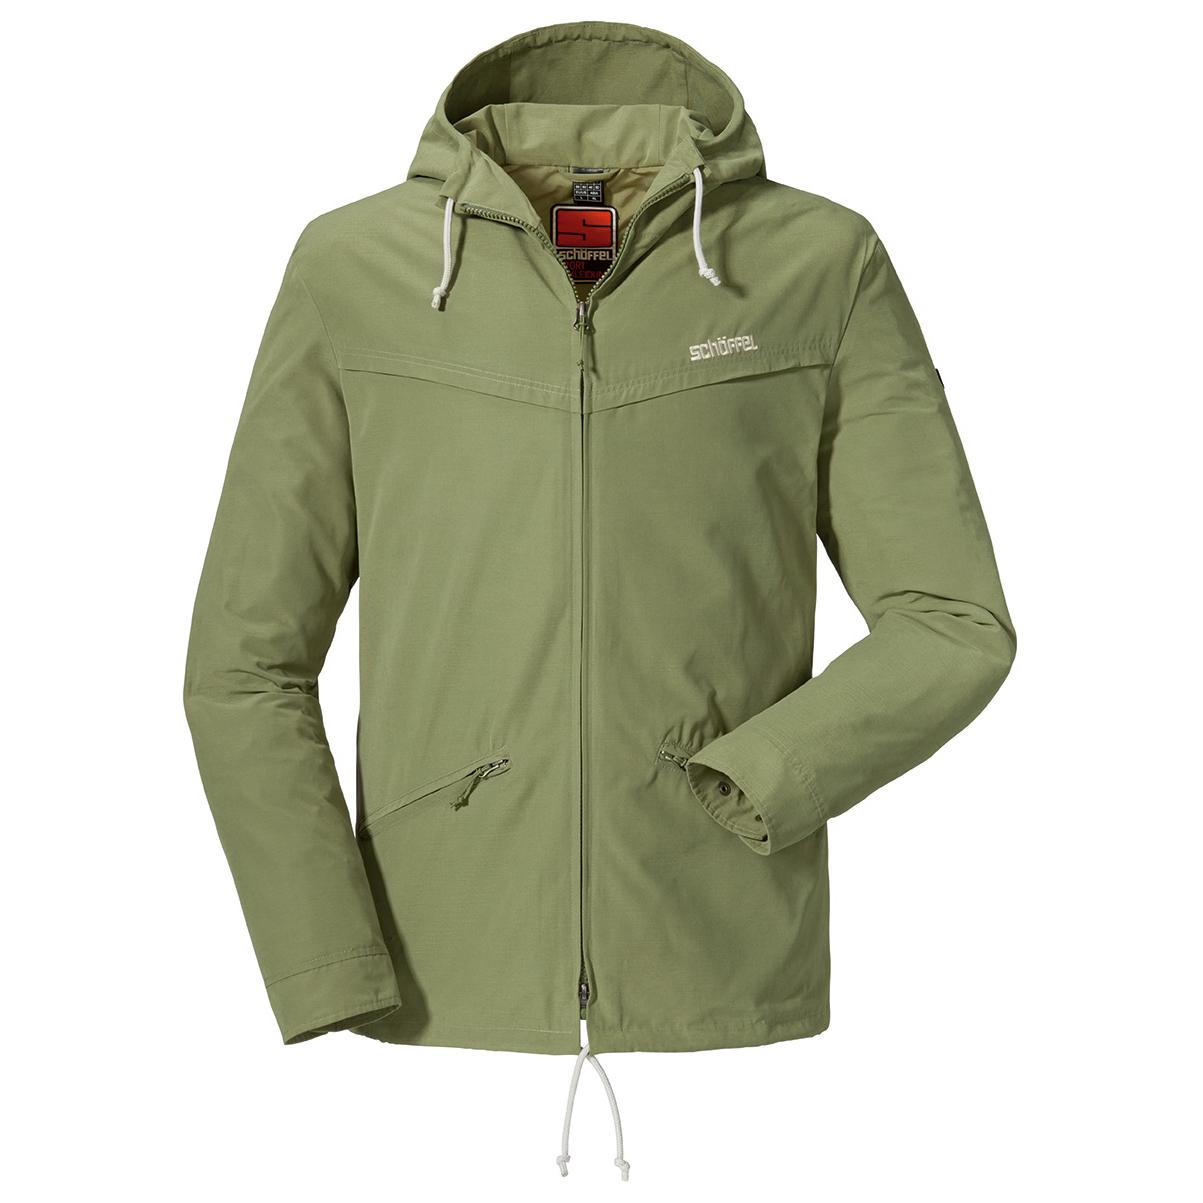 Schöffel Schöffel Jacket 1969 Freizeitjacke Loden Green | 50 (EU)